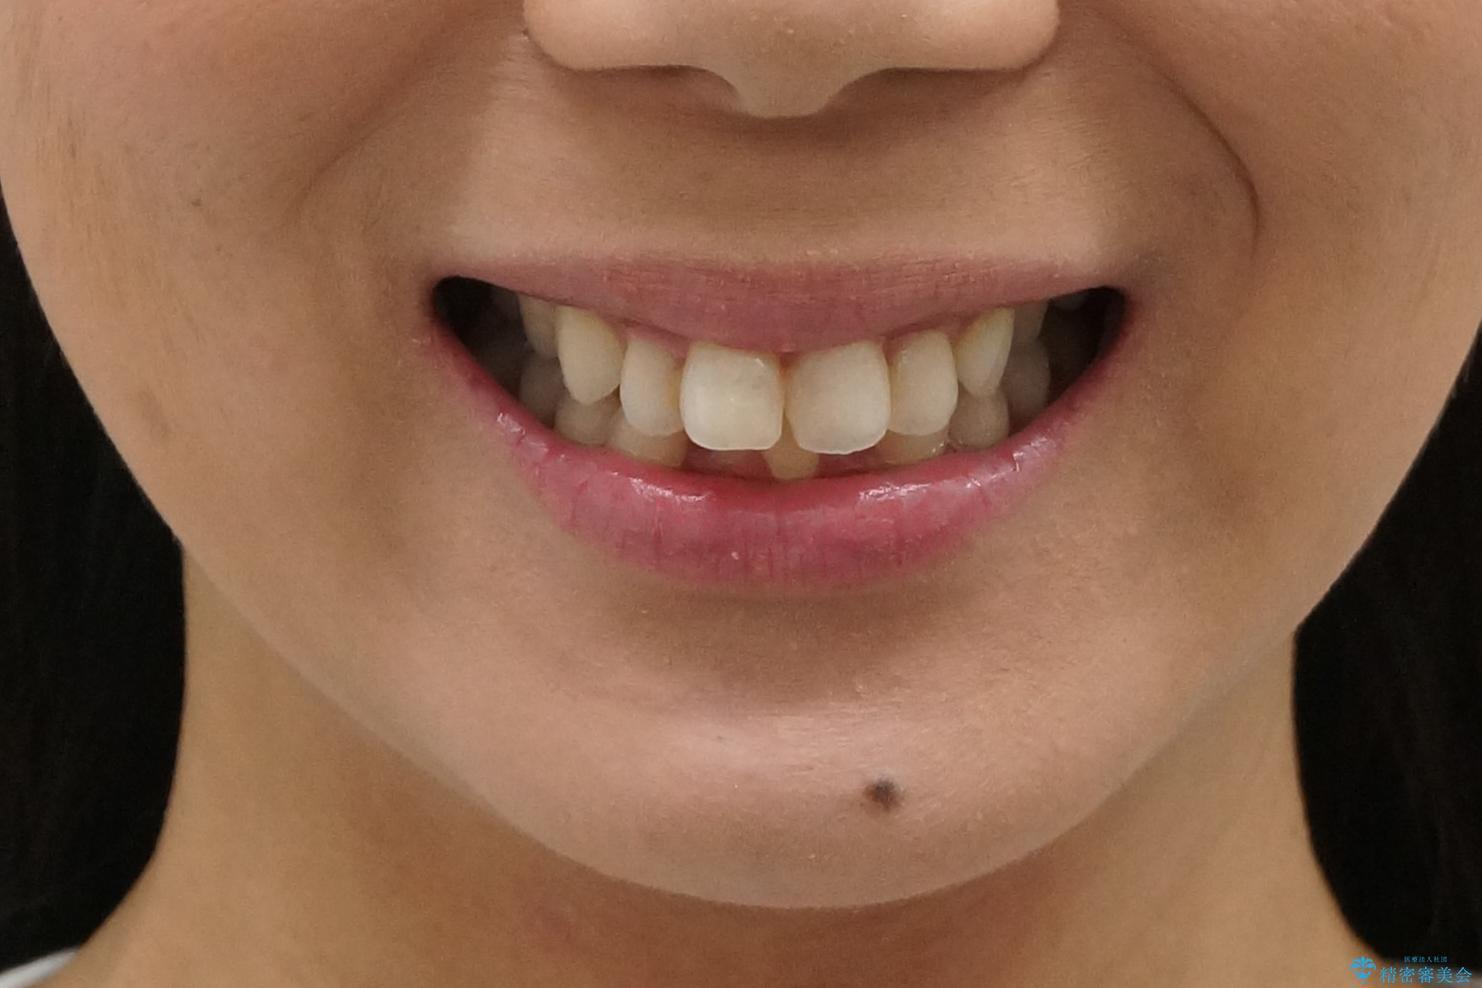 出っ歯 下の歯のガタガタ 下の前歯のみ1本抜歯 マウスピースで1年の治療前(顔貌)